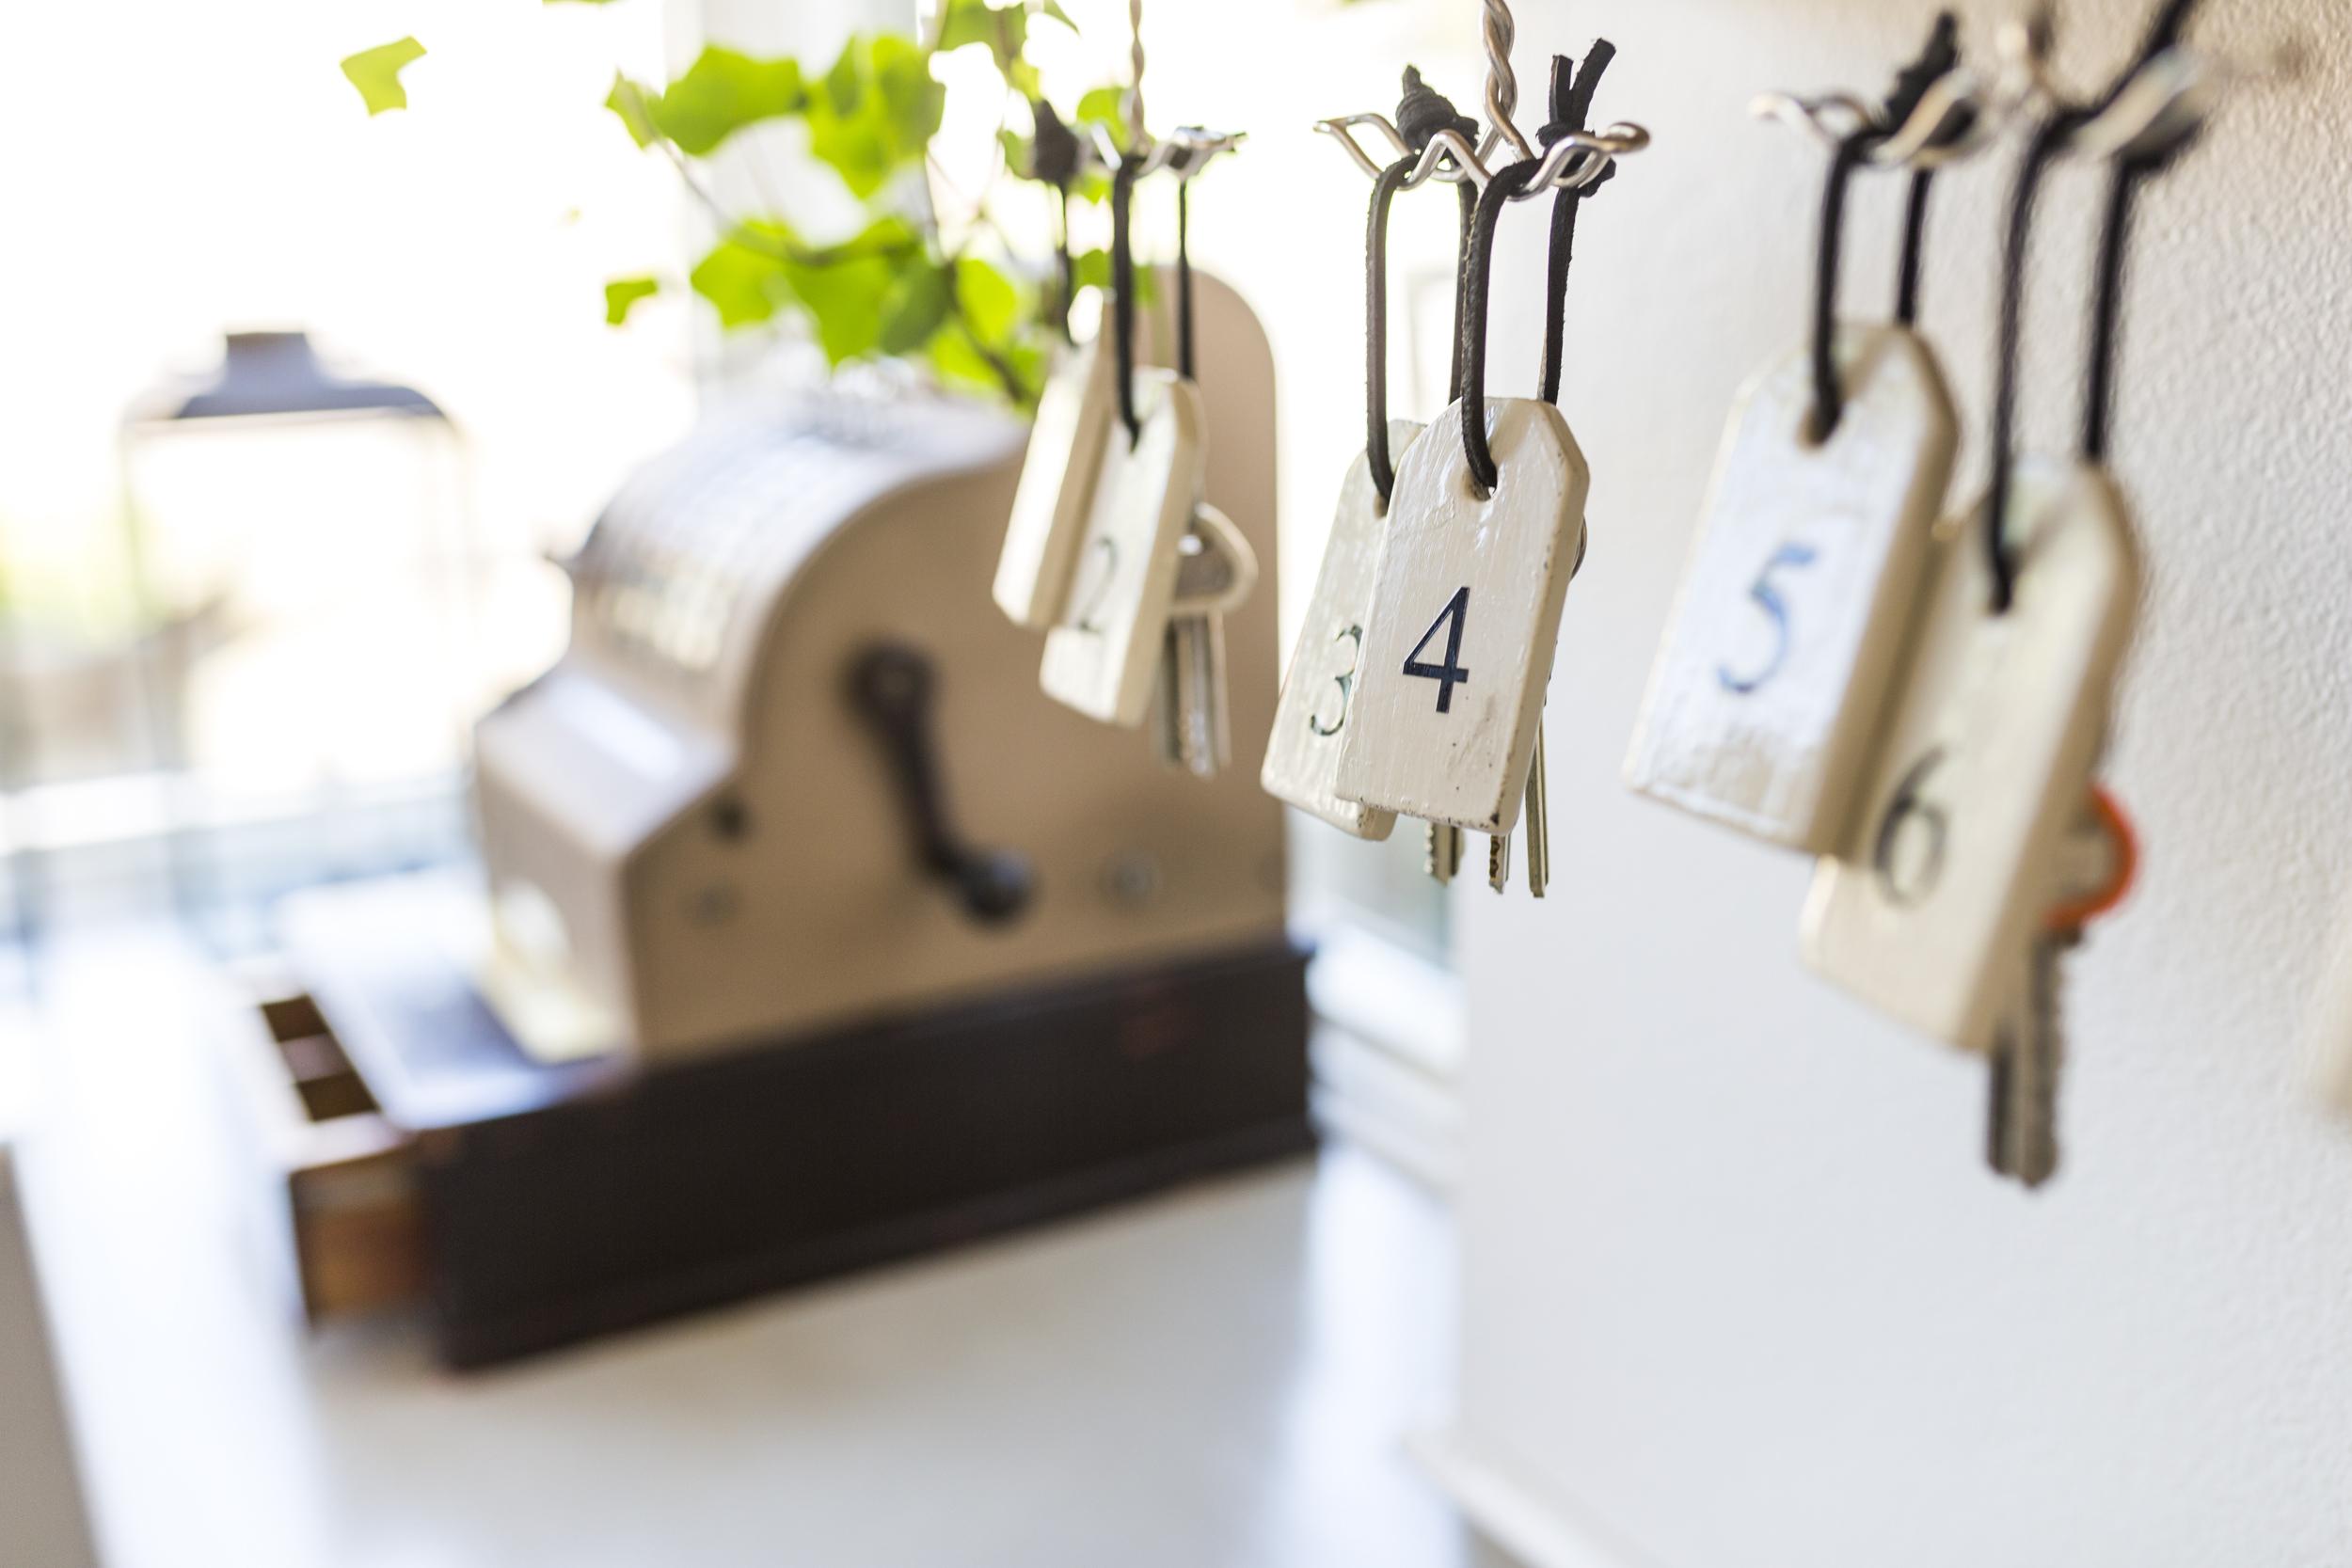 In & Utcheckning - Incheckning kl. 15.00-17.00Vid incheckning efter 17.00 så läggs era nycklar i vårt låsta nyckelskåp och ni erhåller koden så att ni kan checka in när det passar er.Utcheckning kl. 11.00